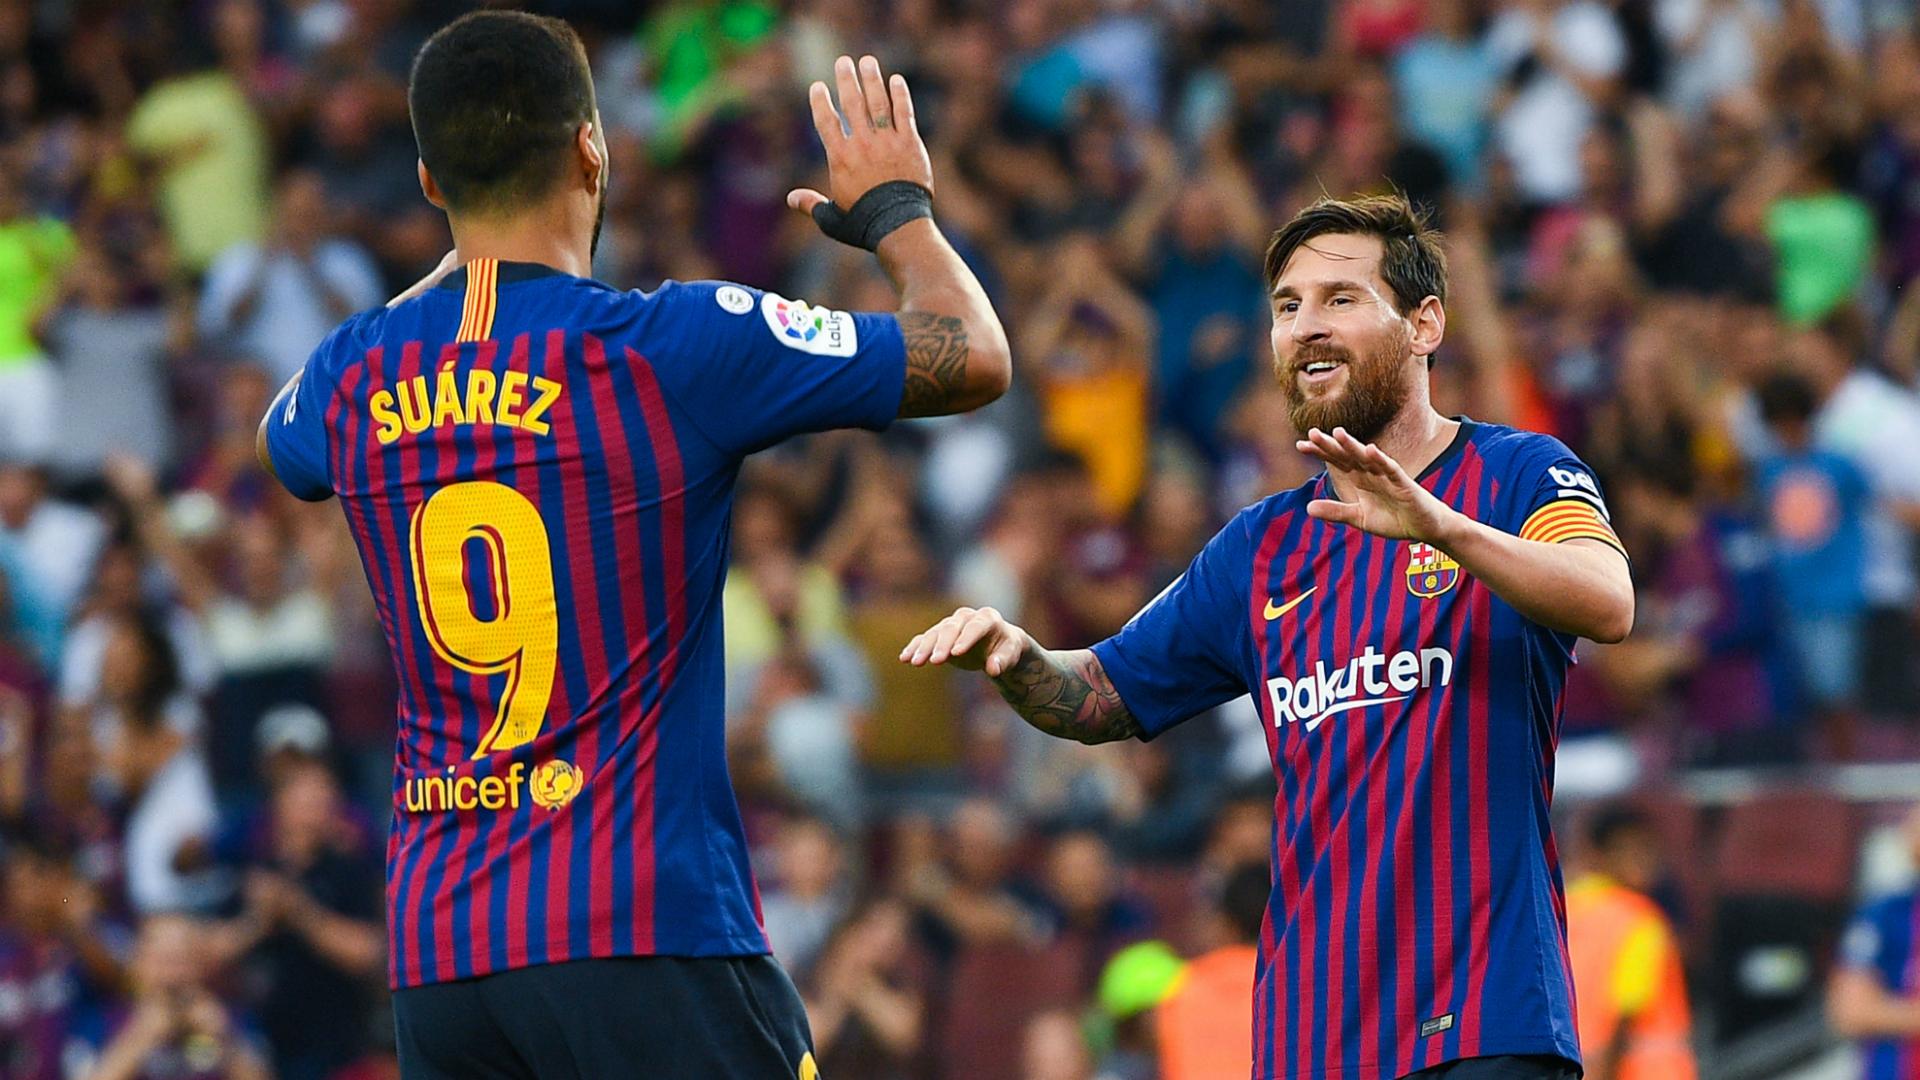 Lionel Messi sets 2018 goals record